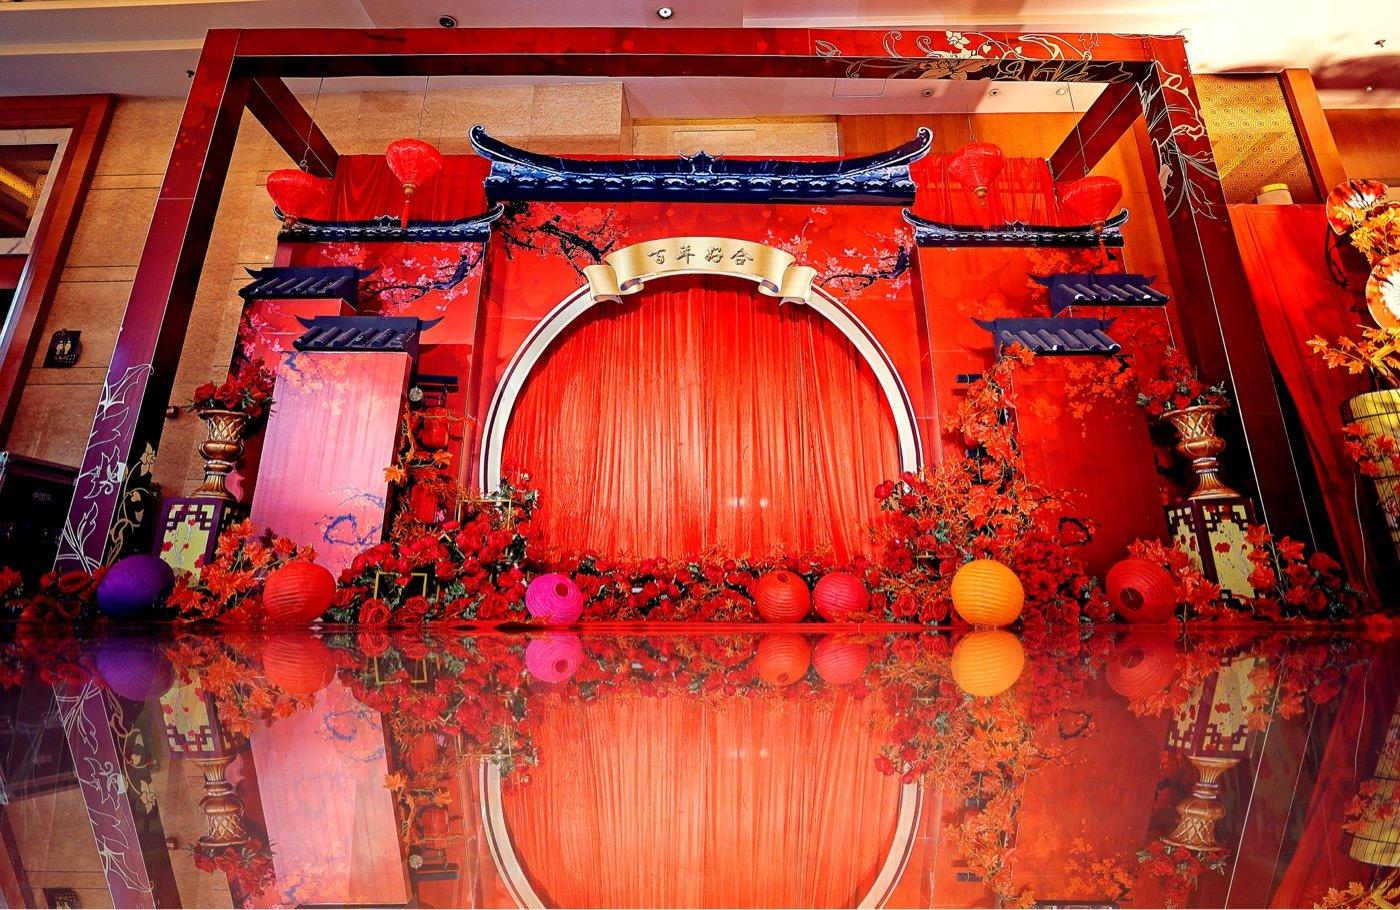 「Fantasy Wedding」&滨湖世纪金源酒店1